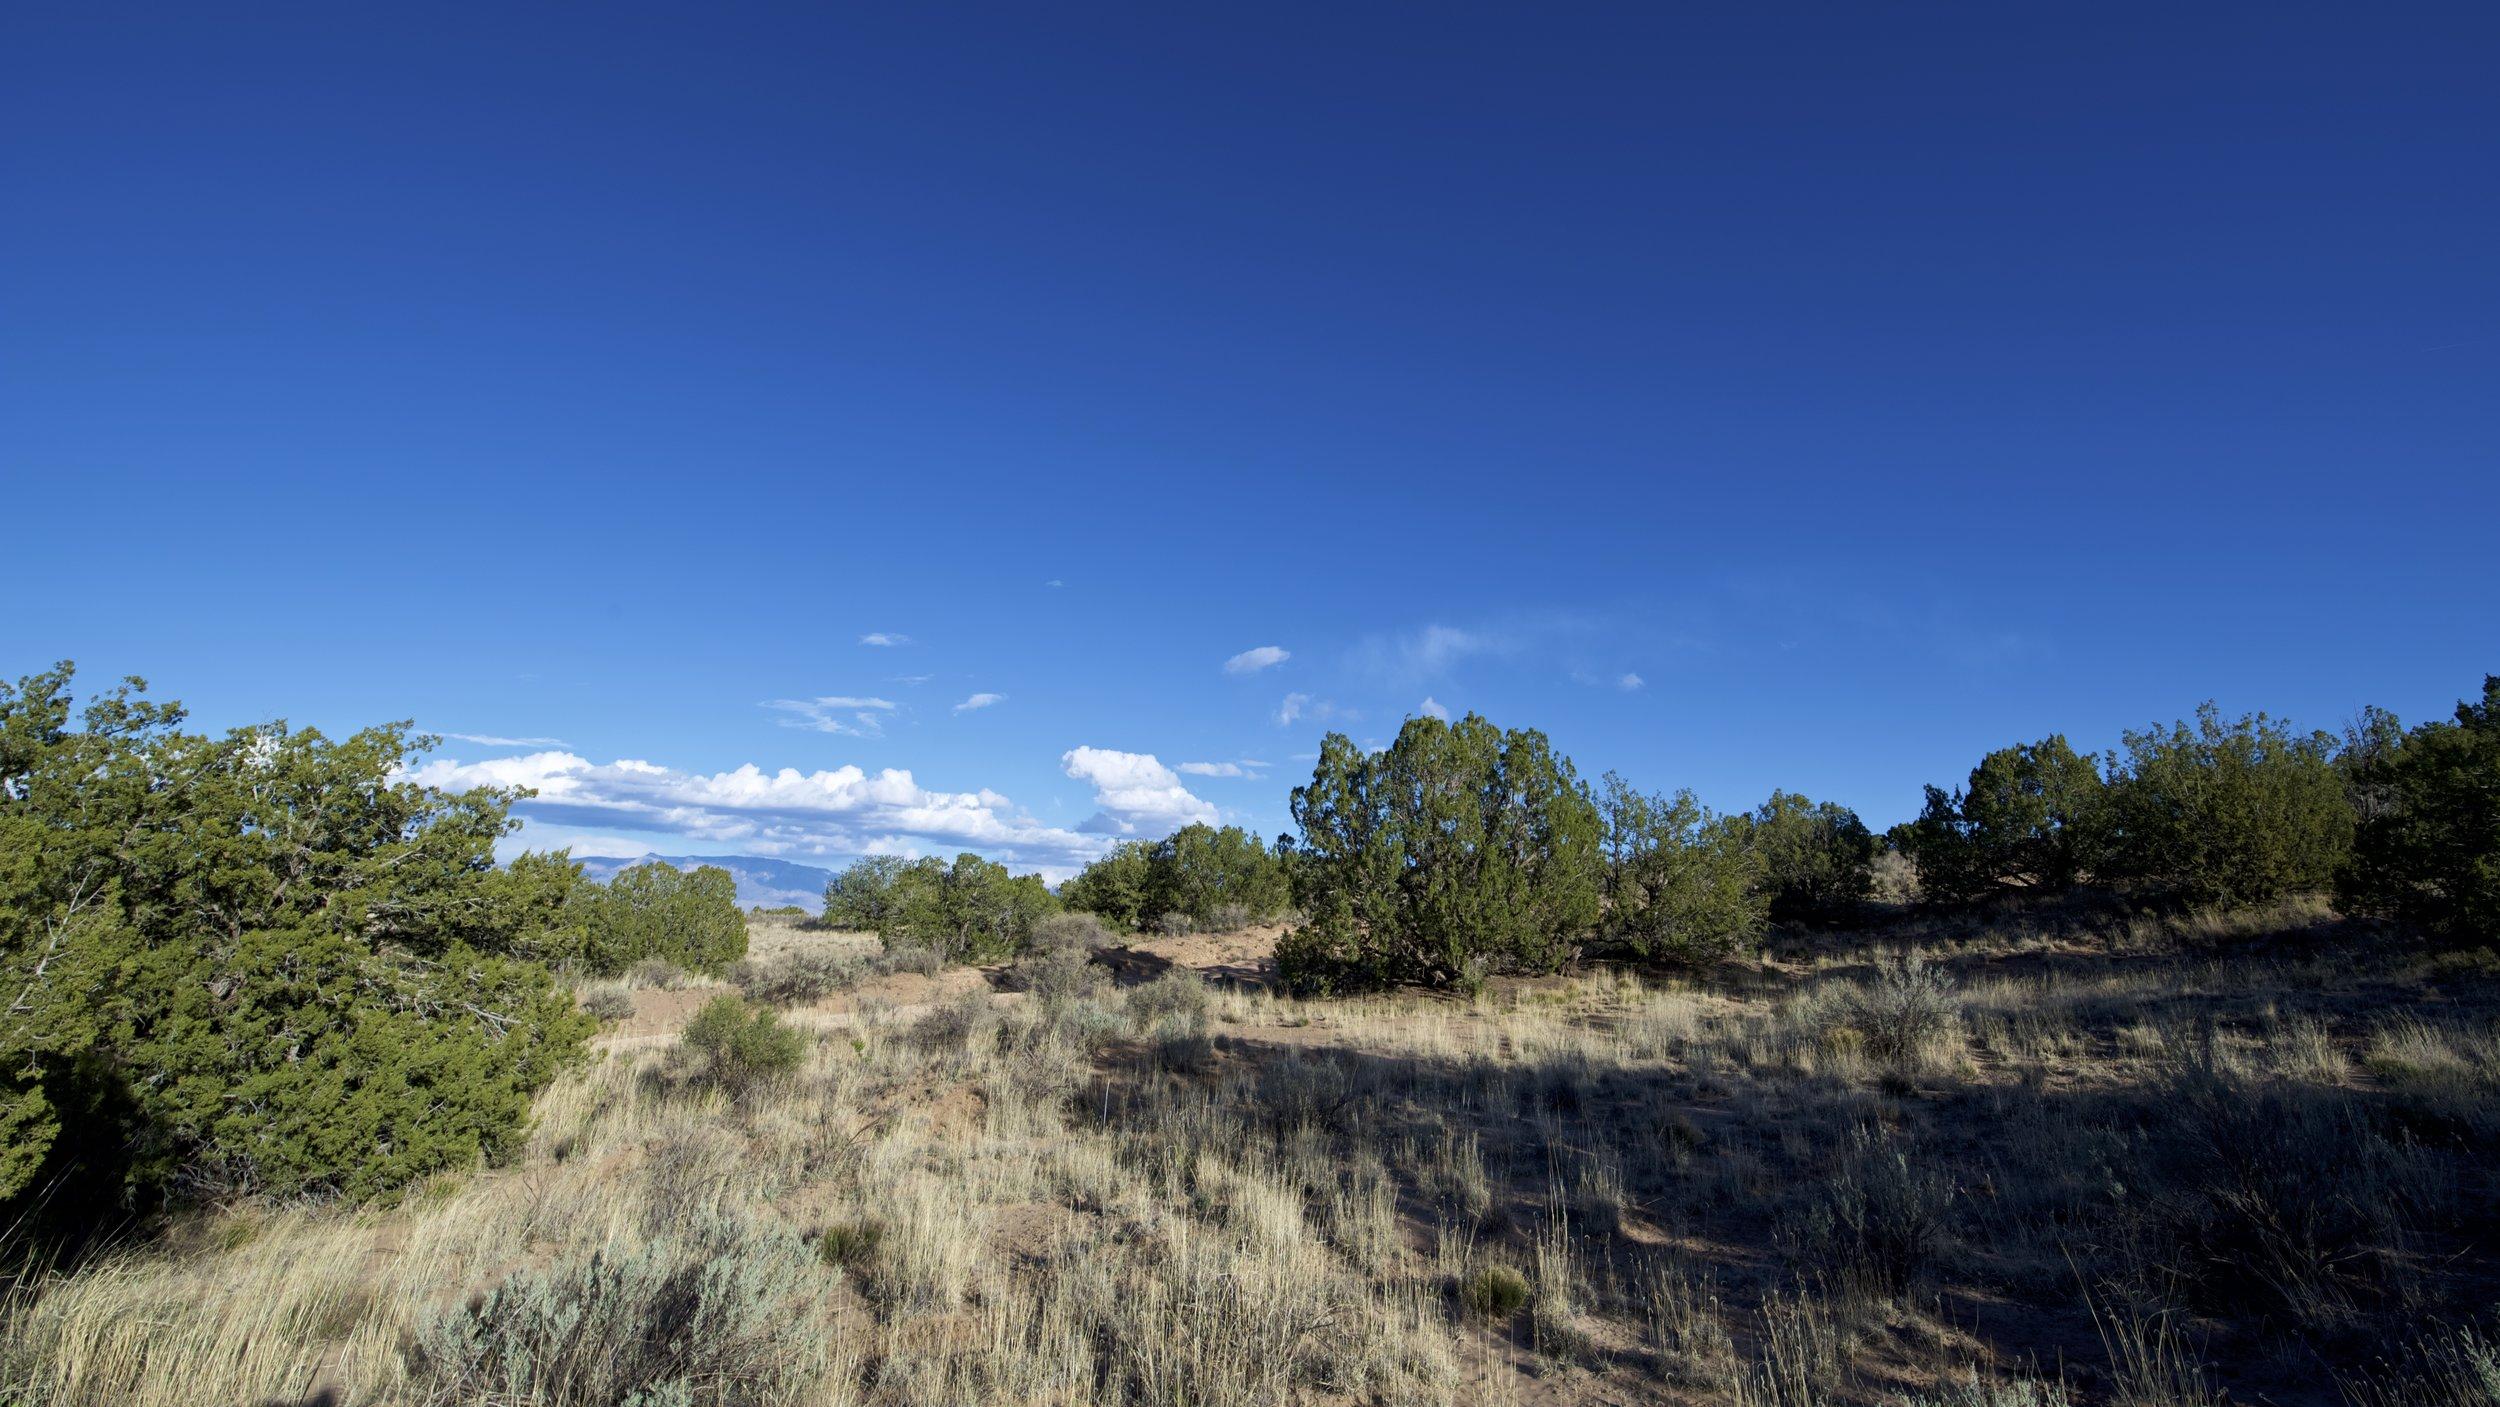 SNNM-2231-rio-rancho-125684.jpg